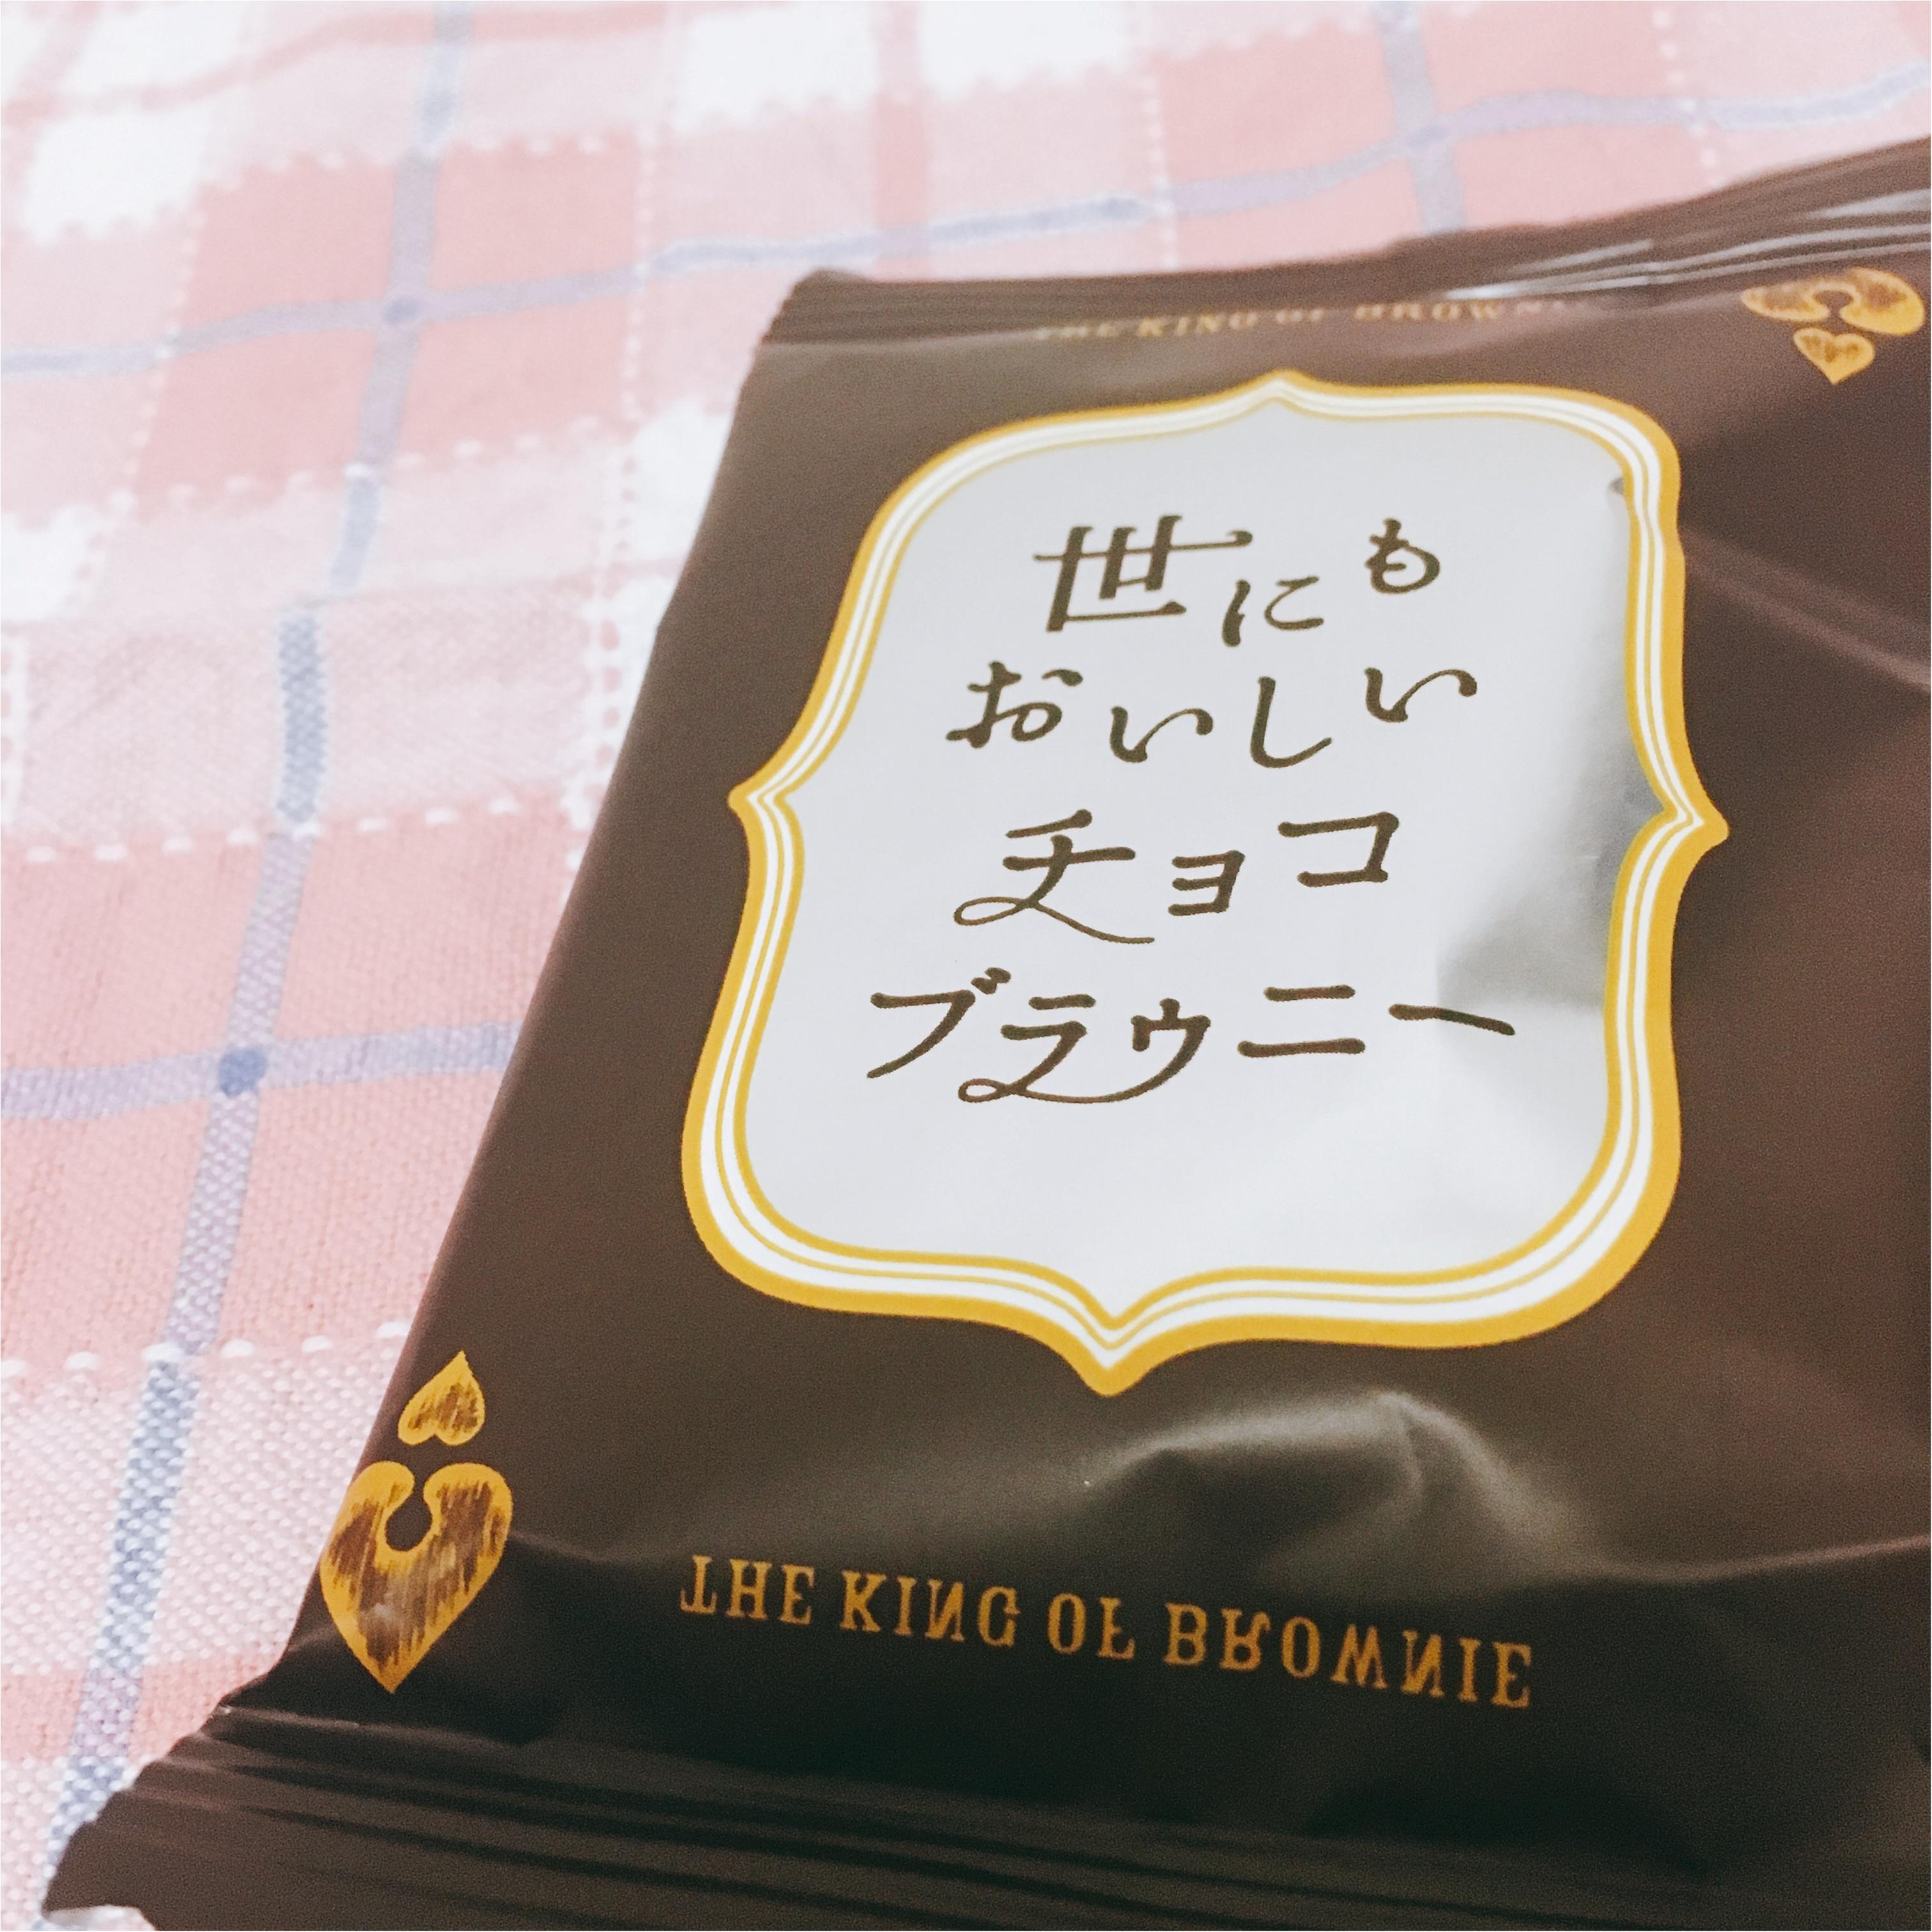 ブラウニー チョコ 世にも 美味しい